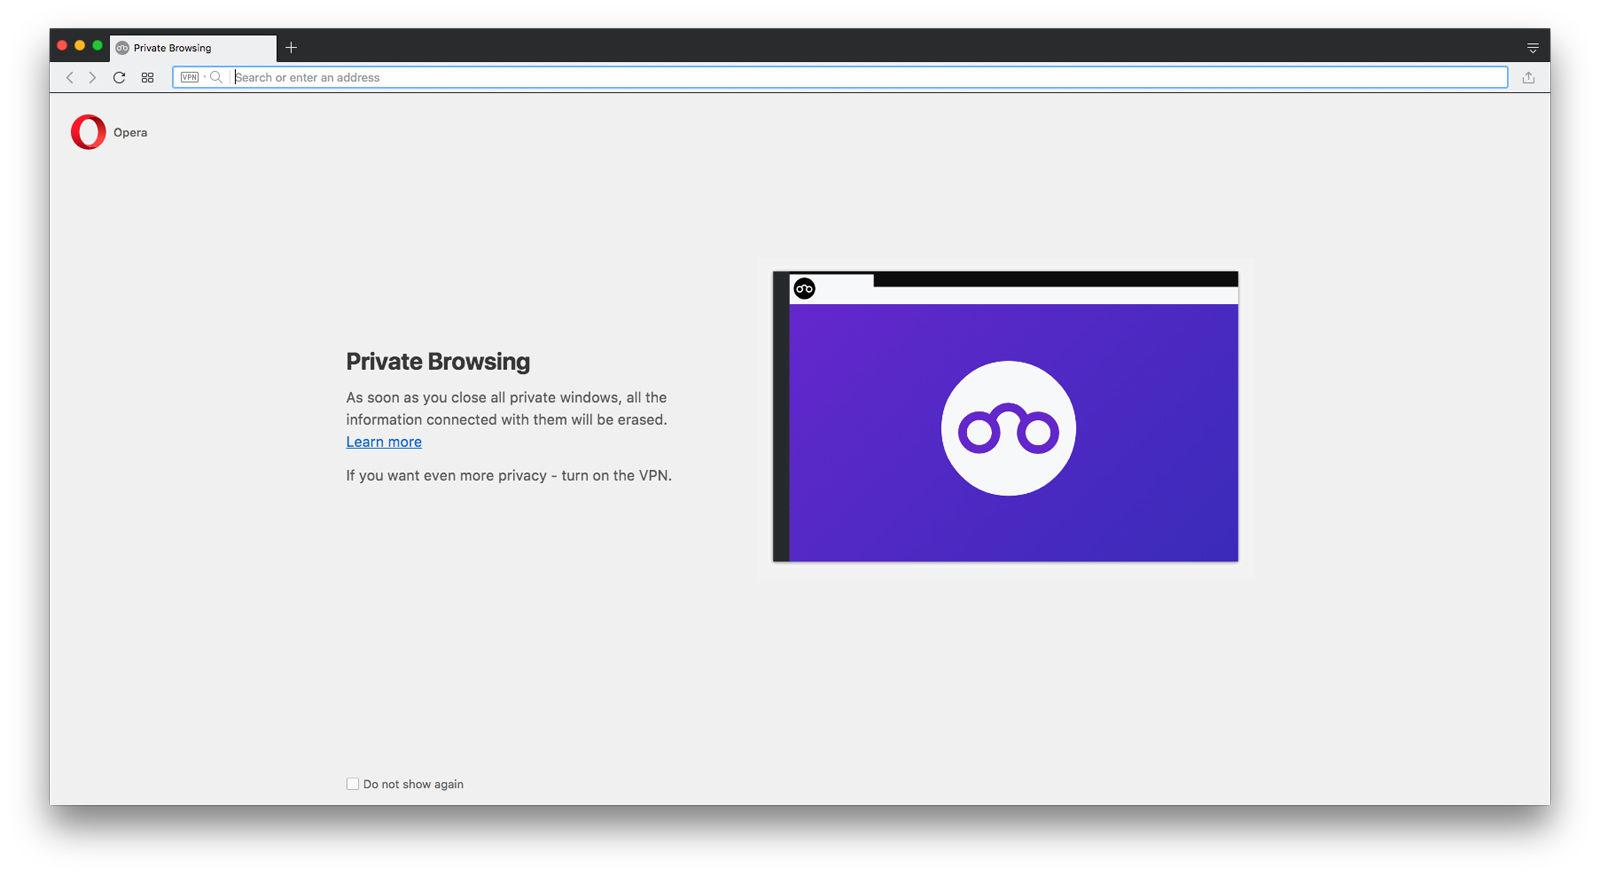 Cómo usar la navegación privada en Mac: Opera